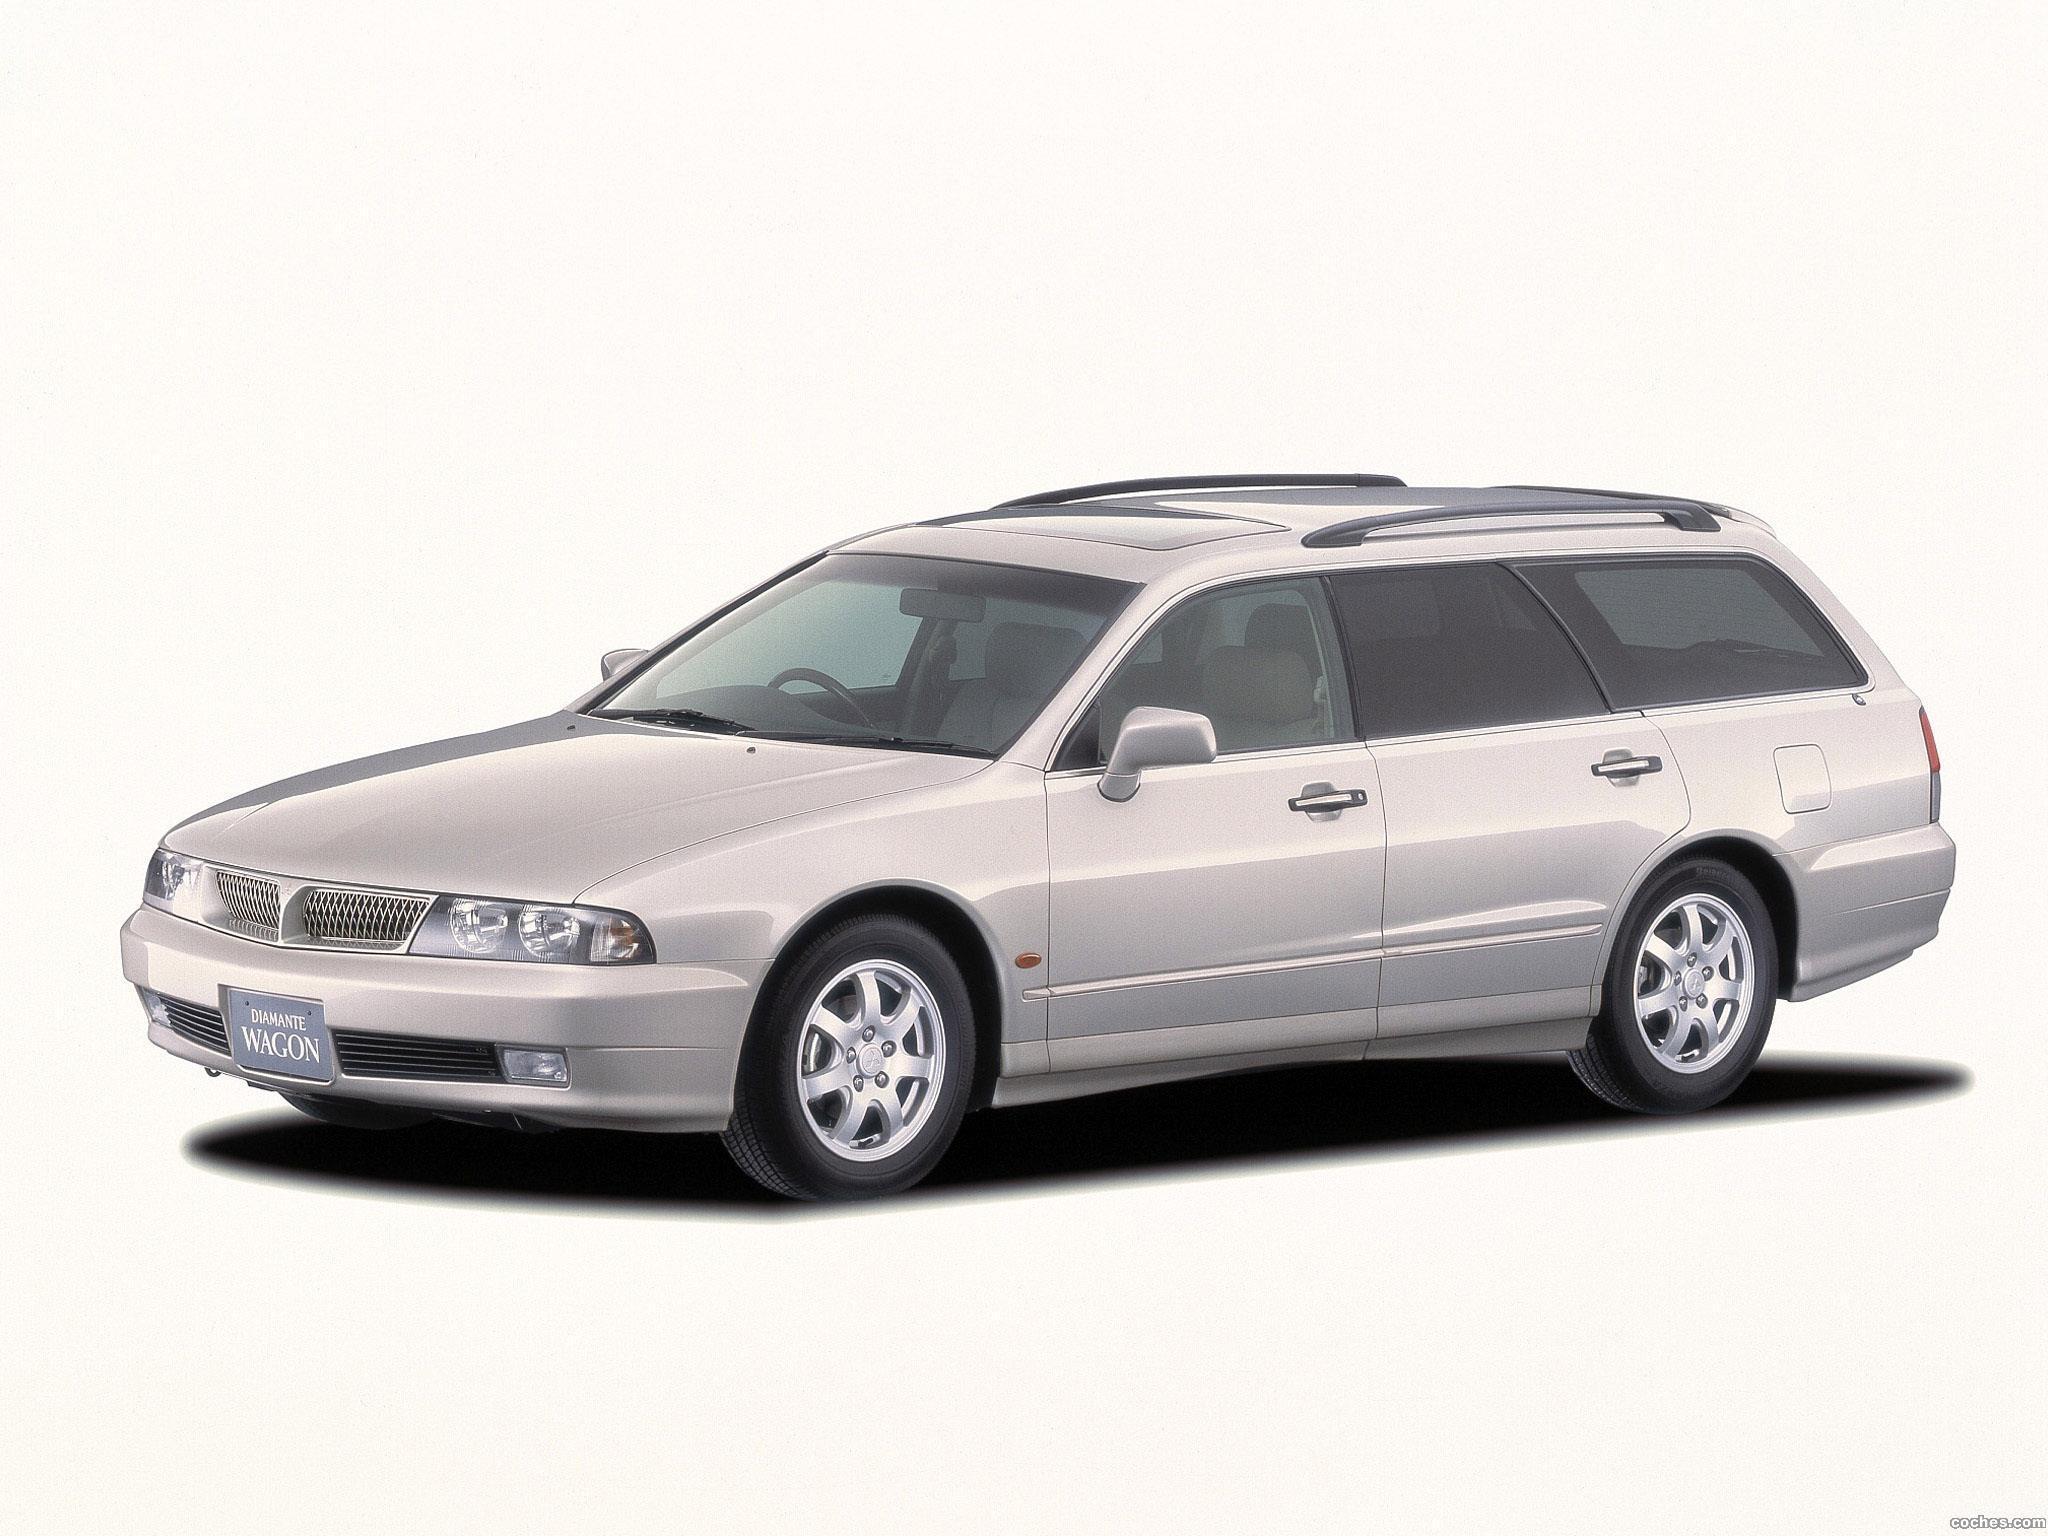 Foto 0 de Mitsubishi Diamante Wagon 1997